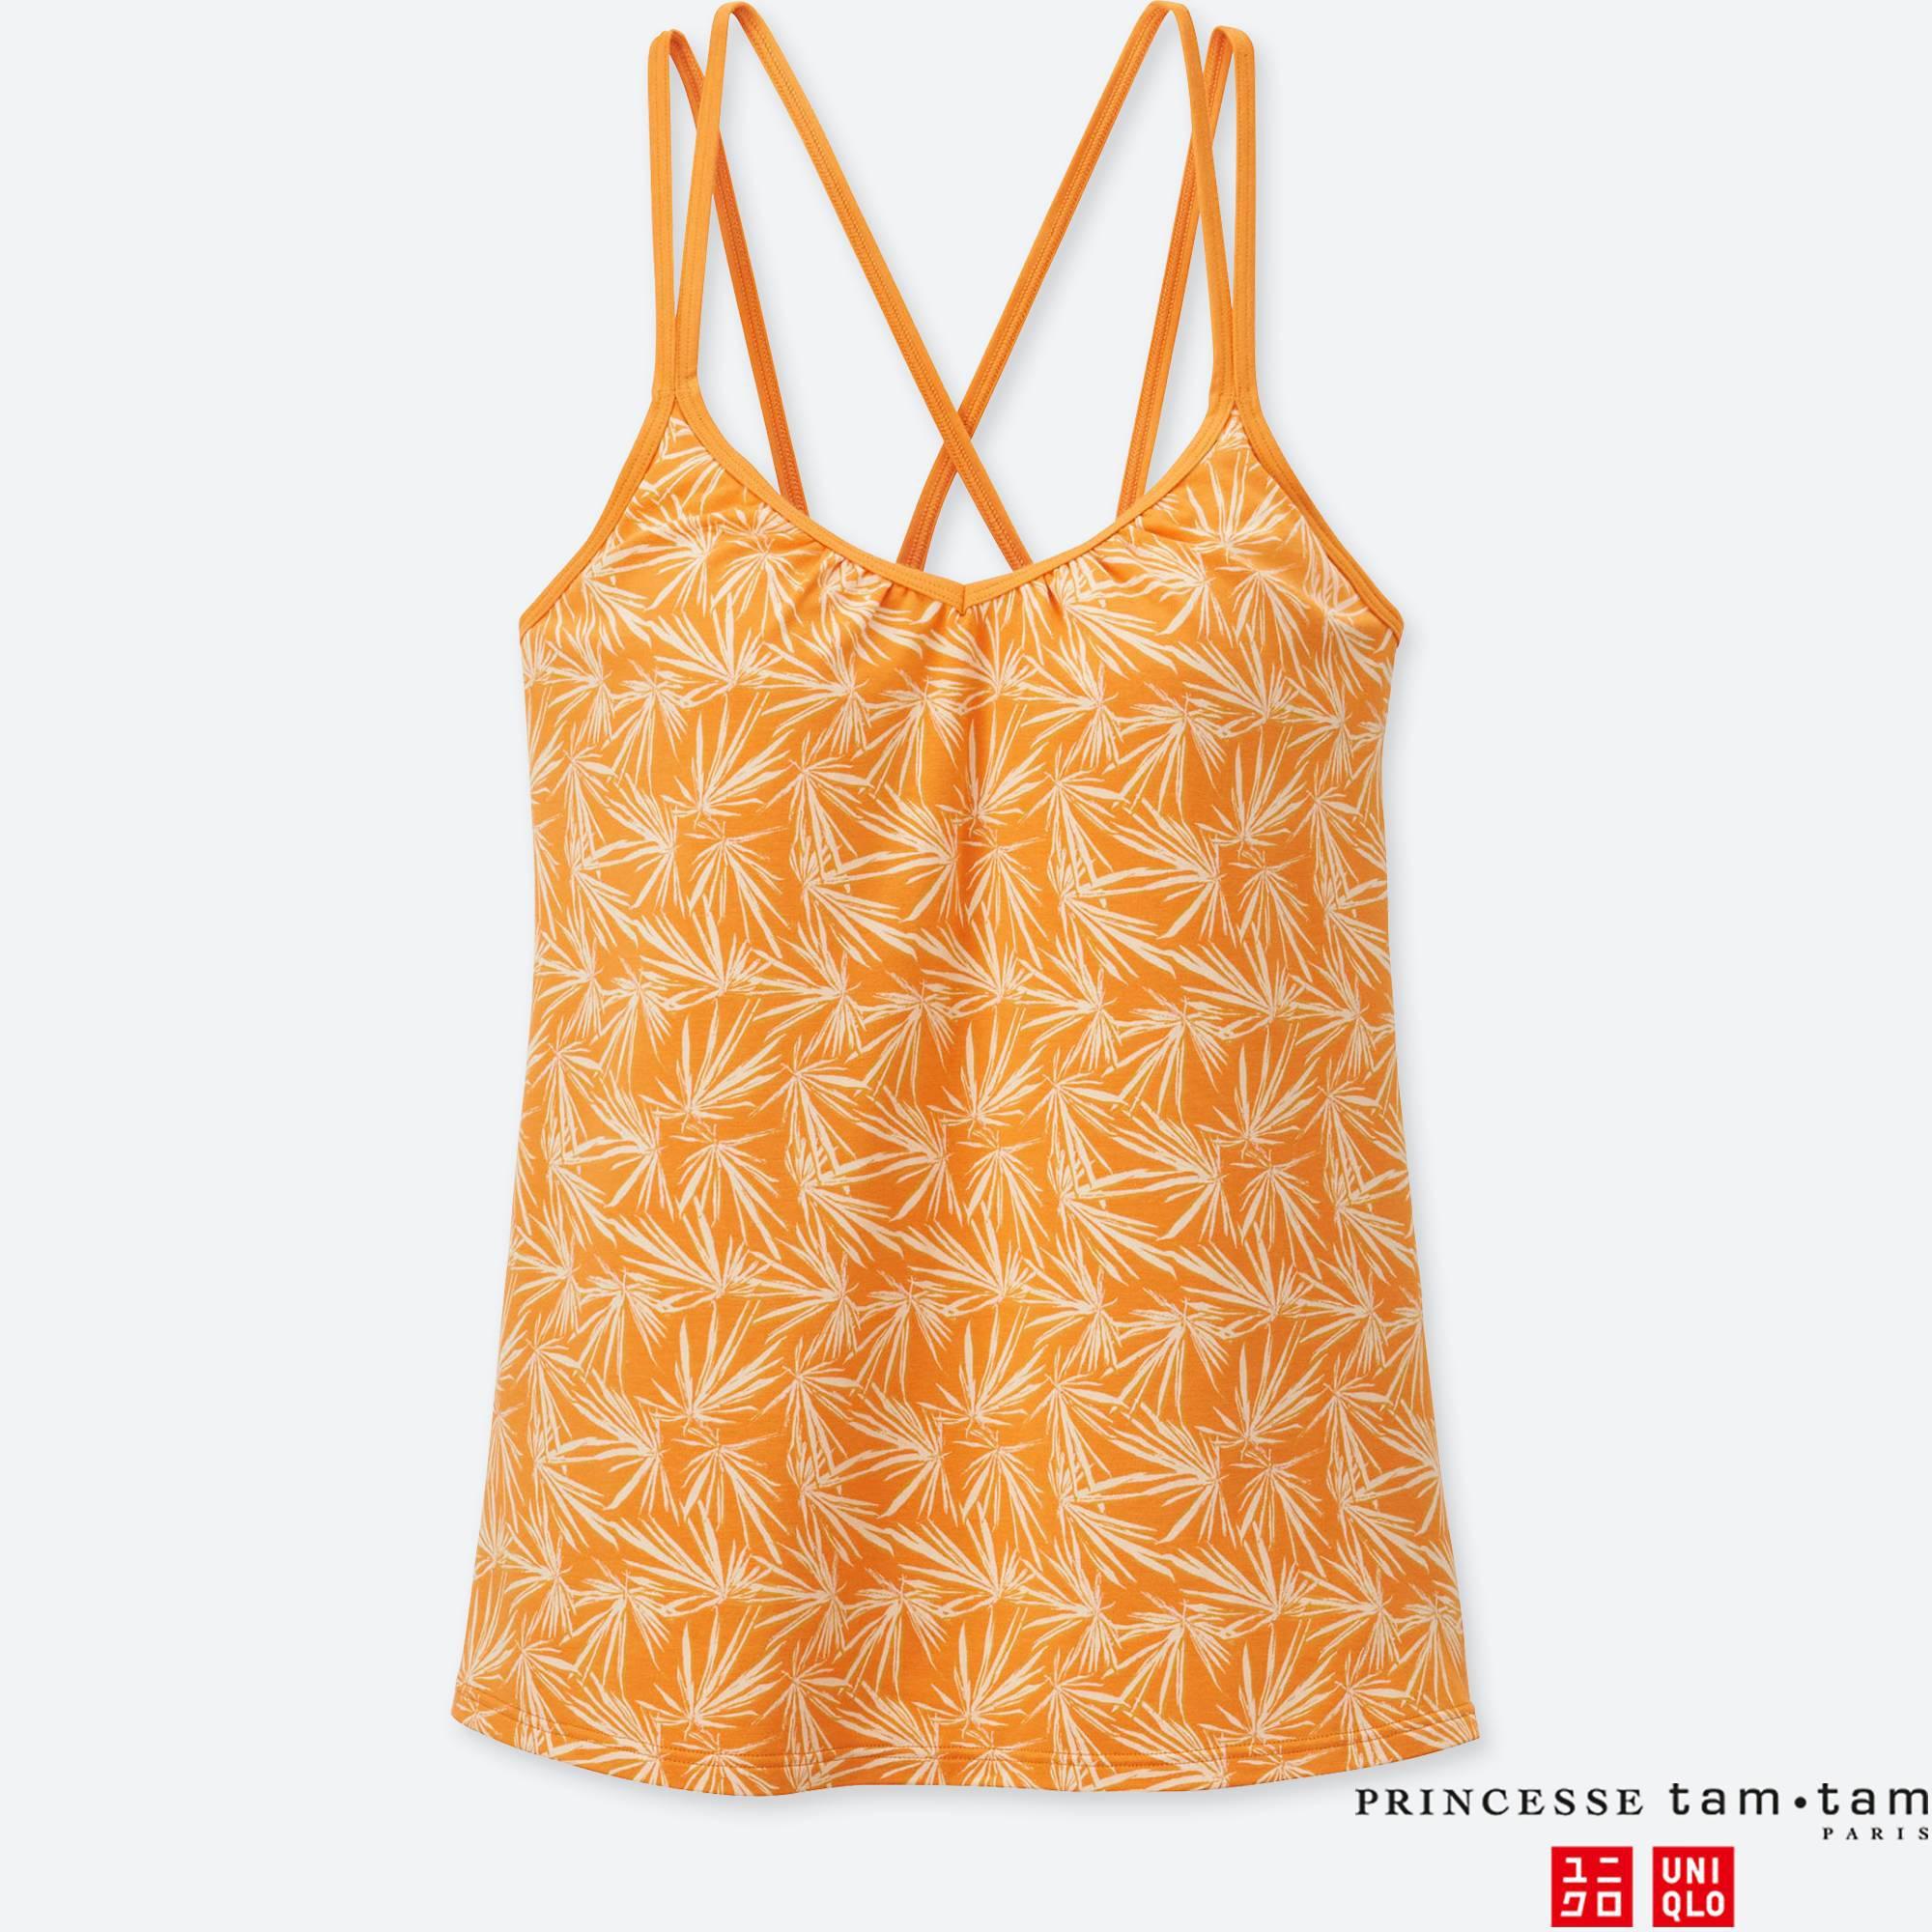 e9a1fa90f7 Lyst - Uniqlo Women Princesse Tam.tam Print Flare Bra Camisole in Orange